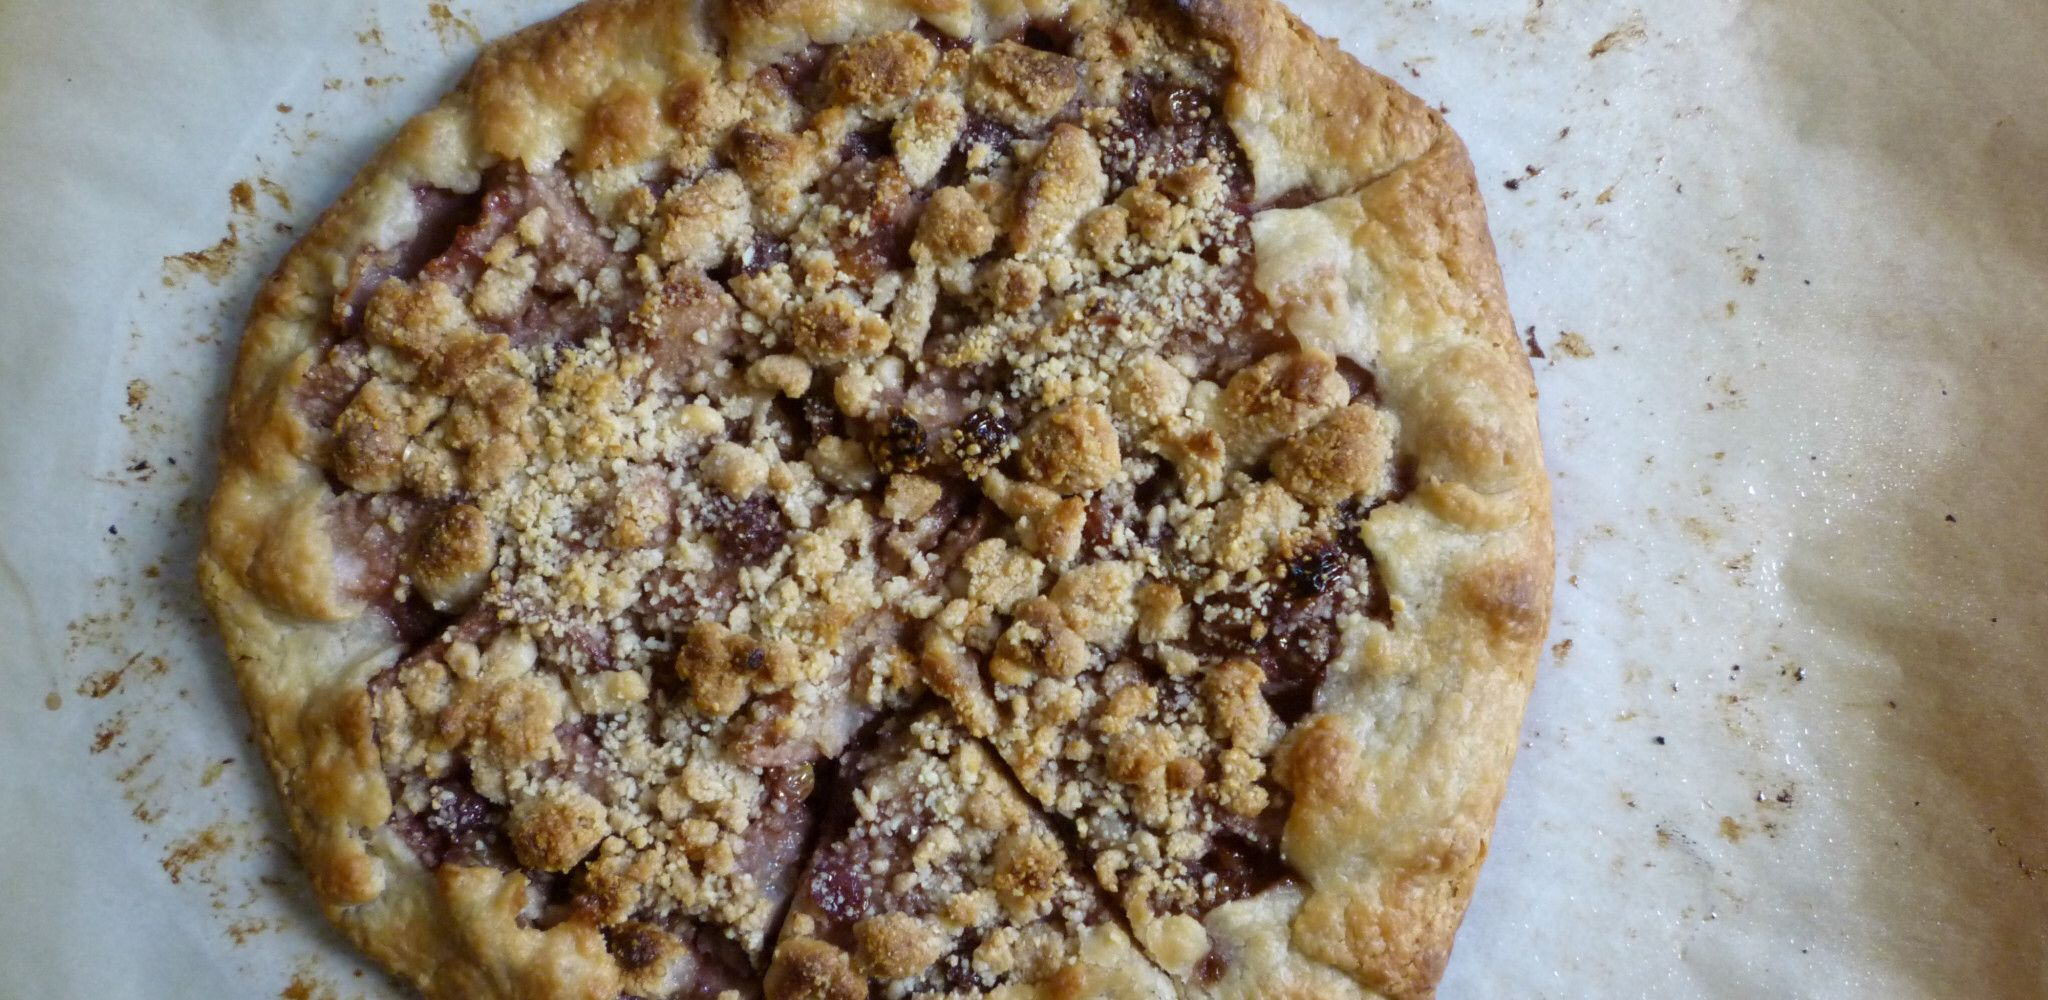 Rustic Fruit Tart Recipe Fruit tart recipe, Fruit tart